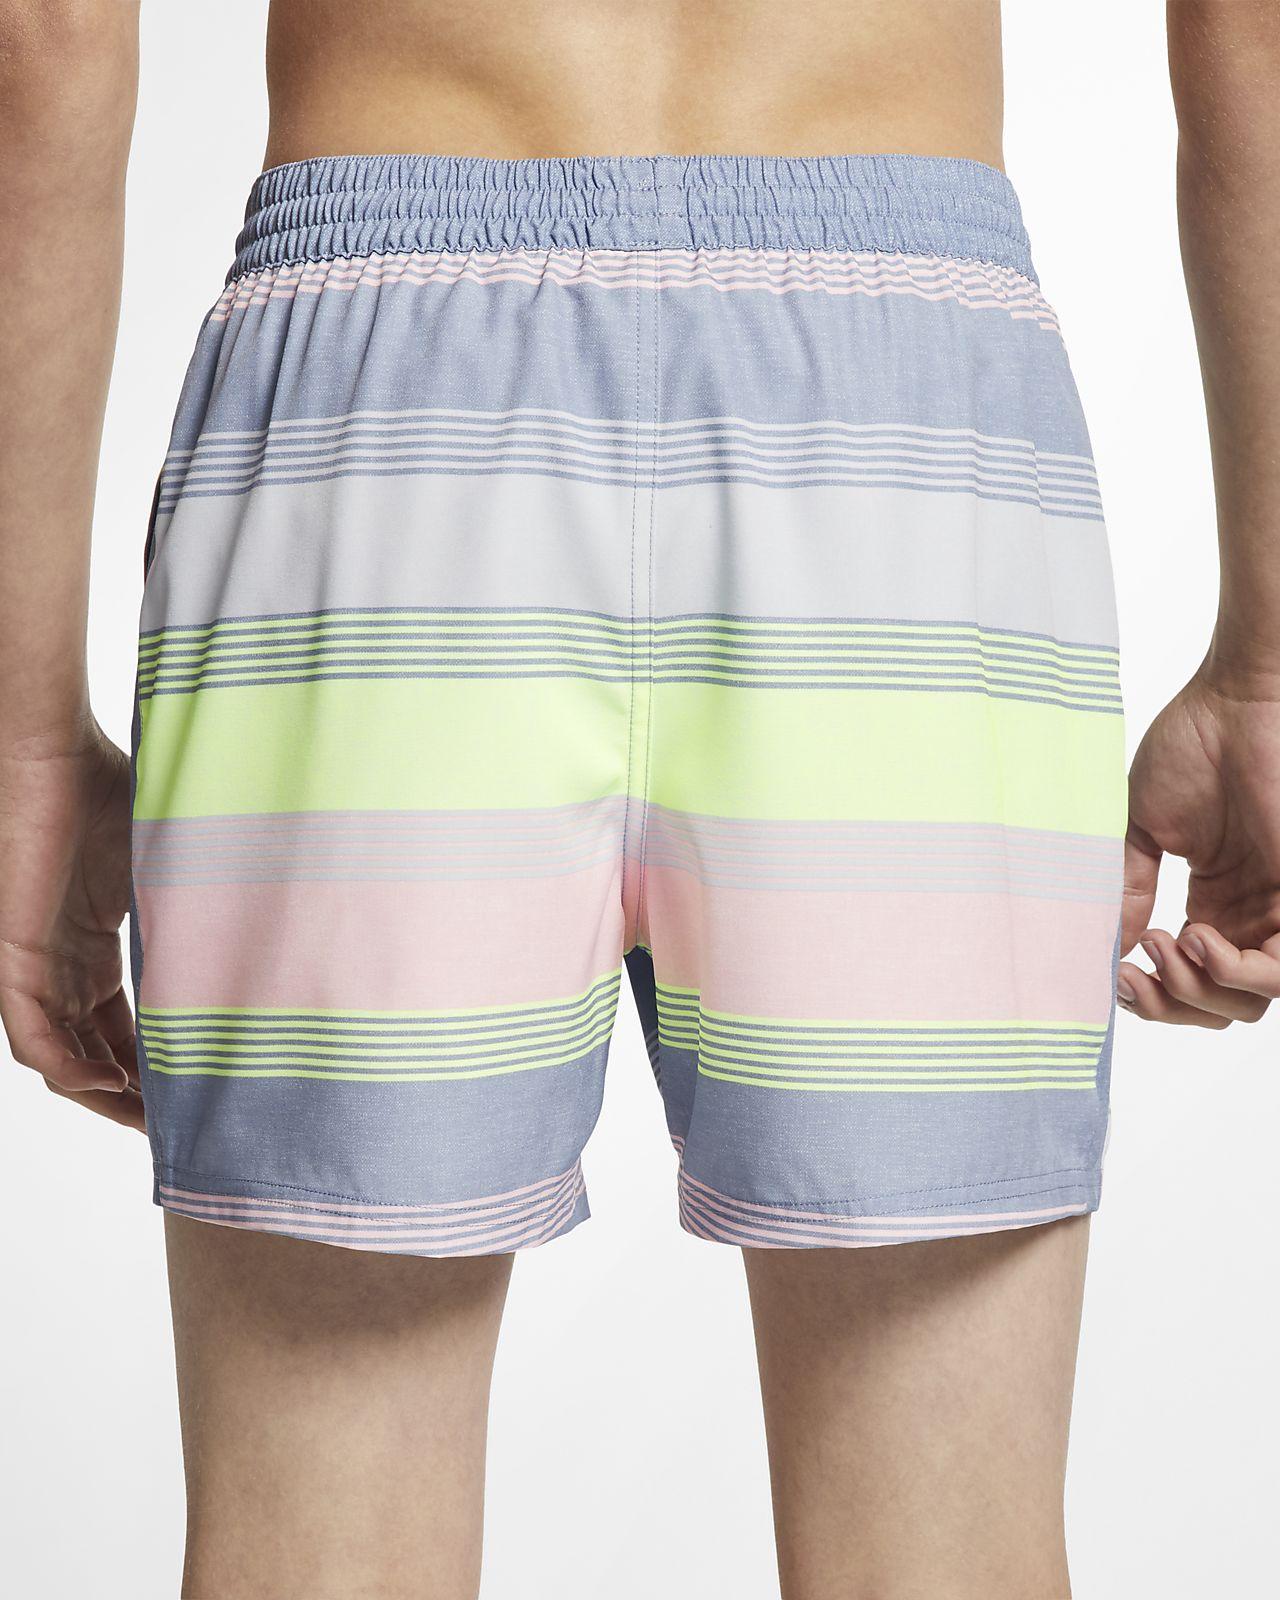 eb400566a9c8f Swimming Trunks Nike Linen Racer Men's 13cm (approx.) Swimming Trunks